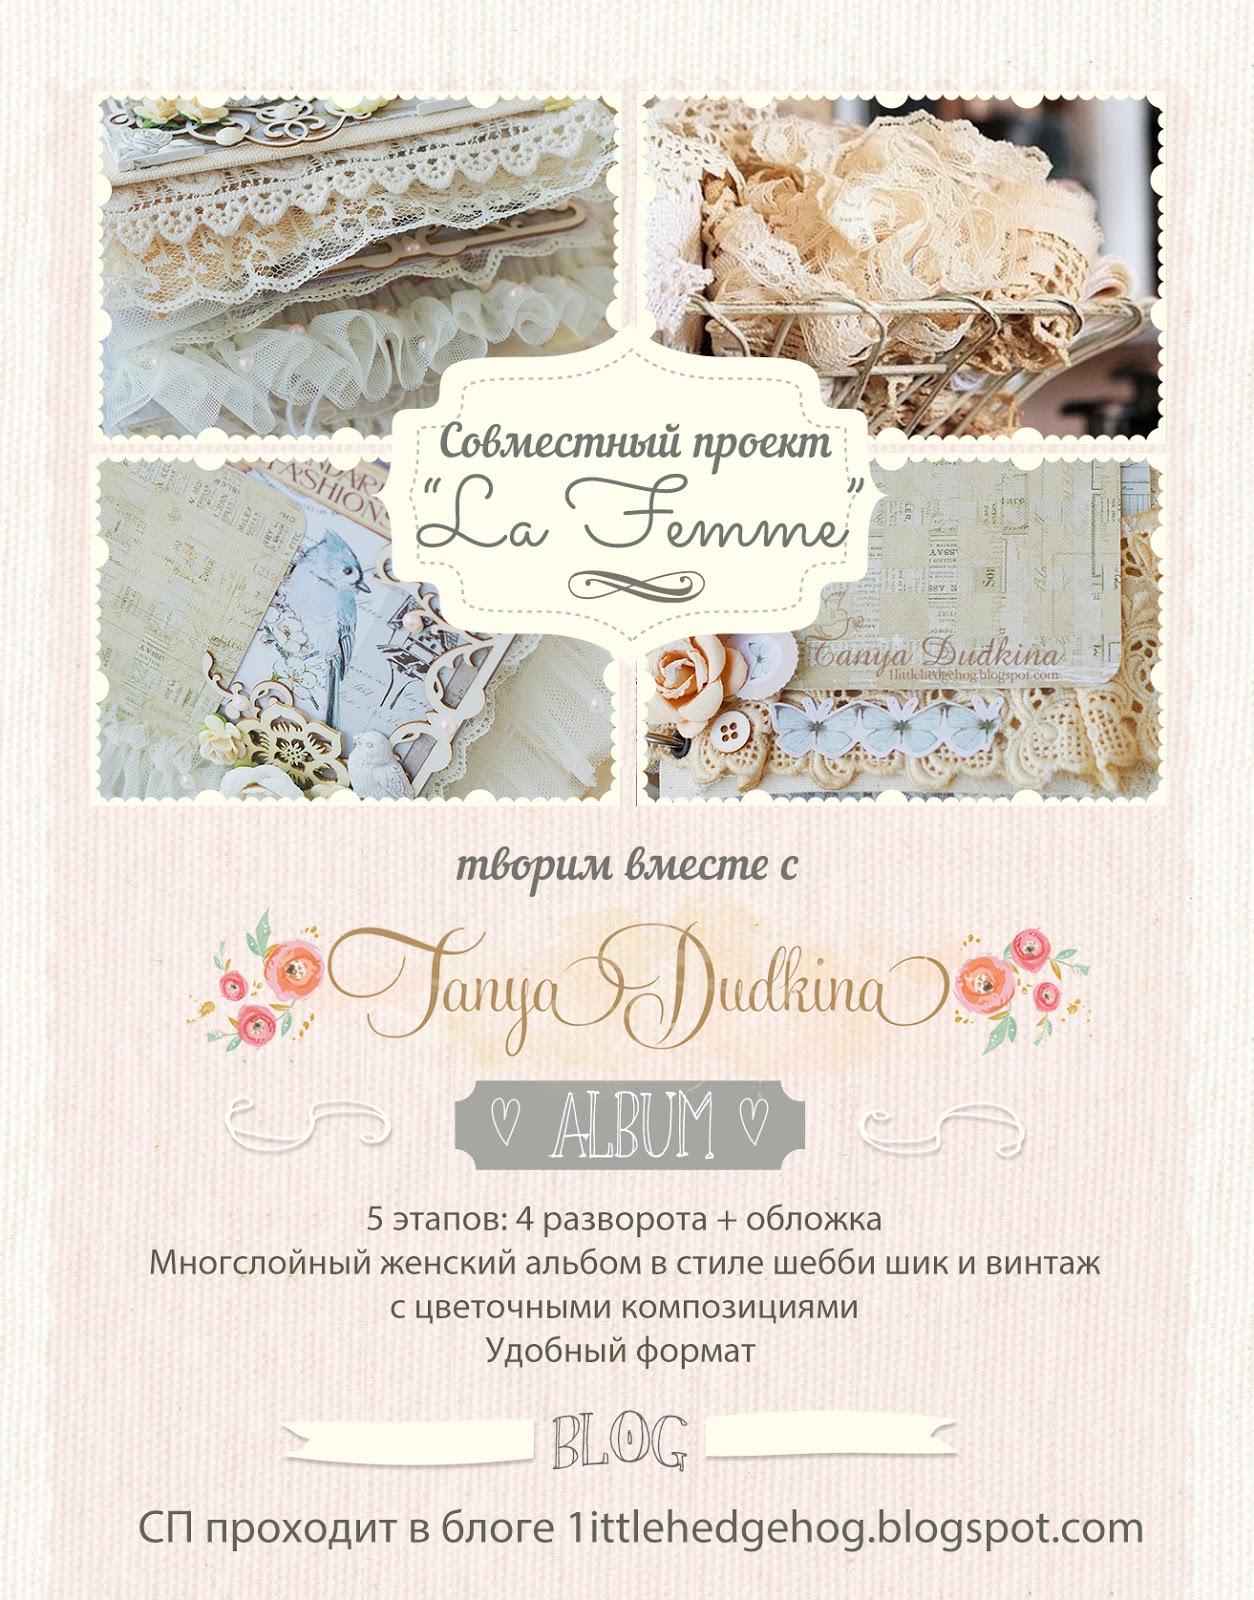 Участвую в СП с Татьяной Дудкиной